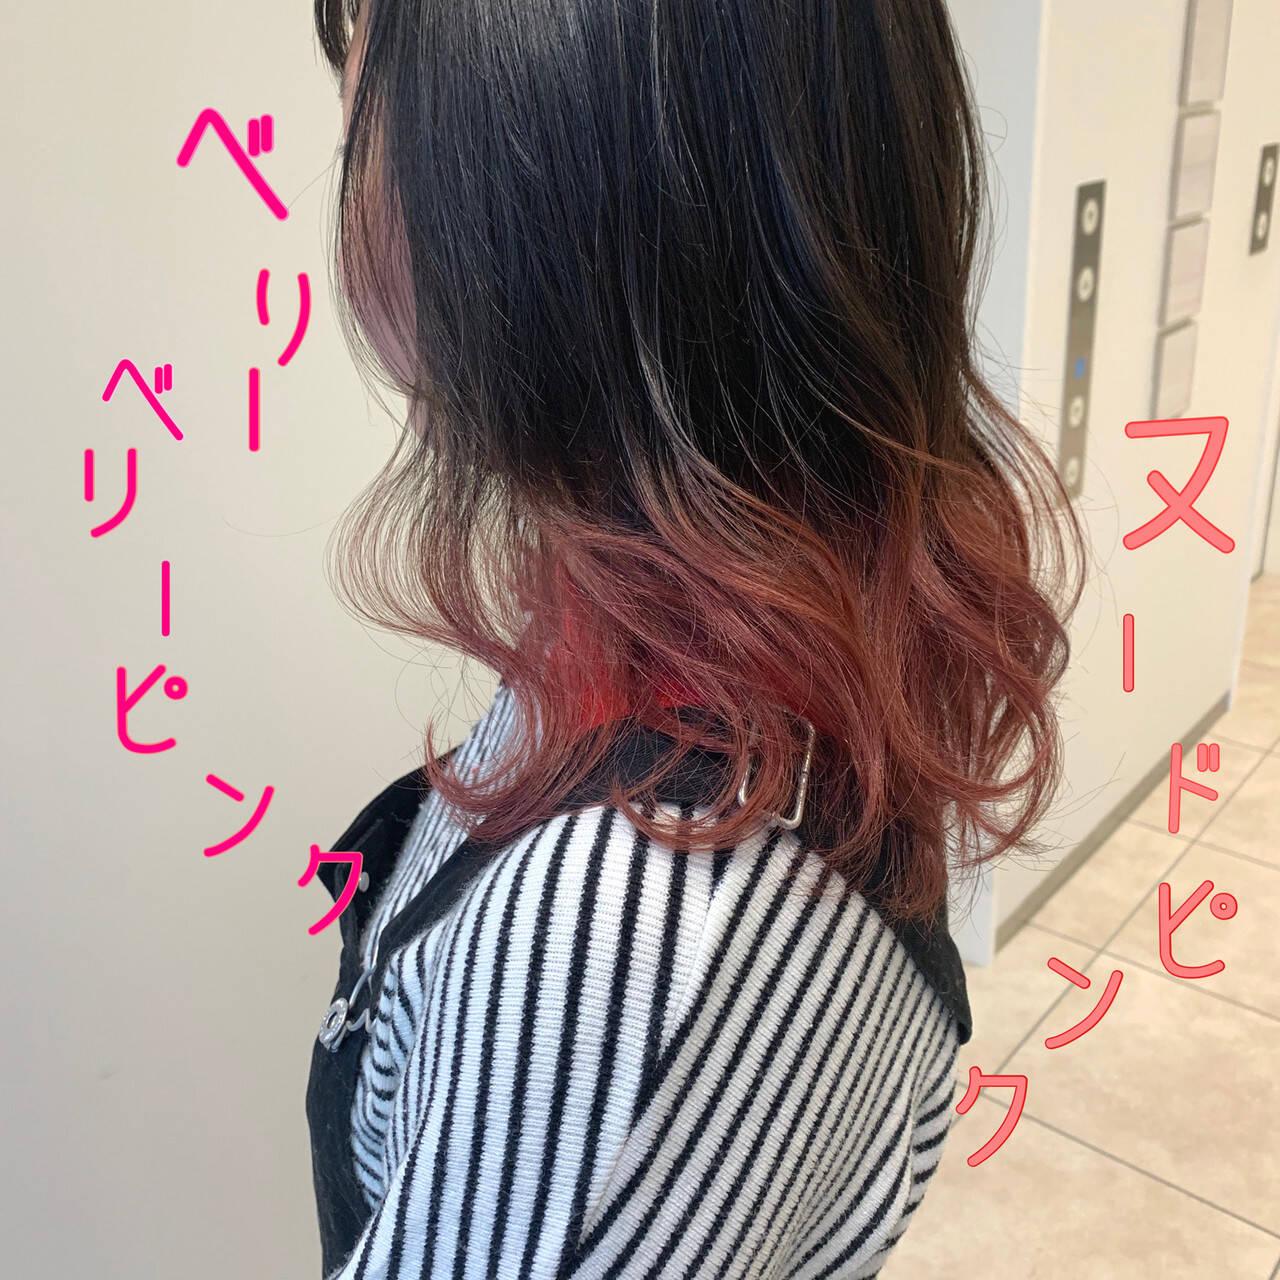 オシャレ ナチュラル ブリーチカラー デザインカラーヘアスタイルや髪型の写真・画像